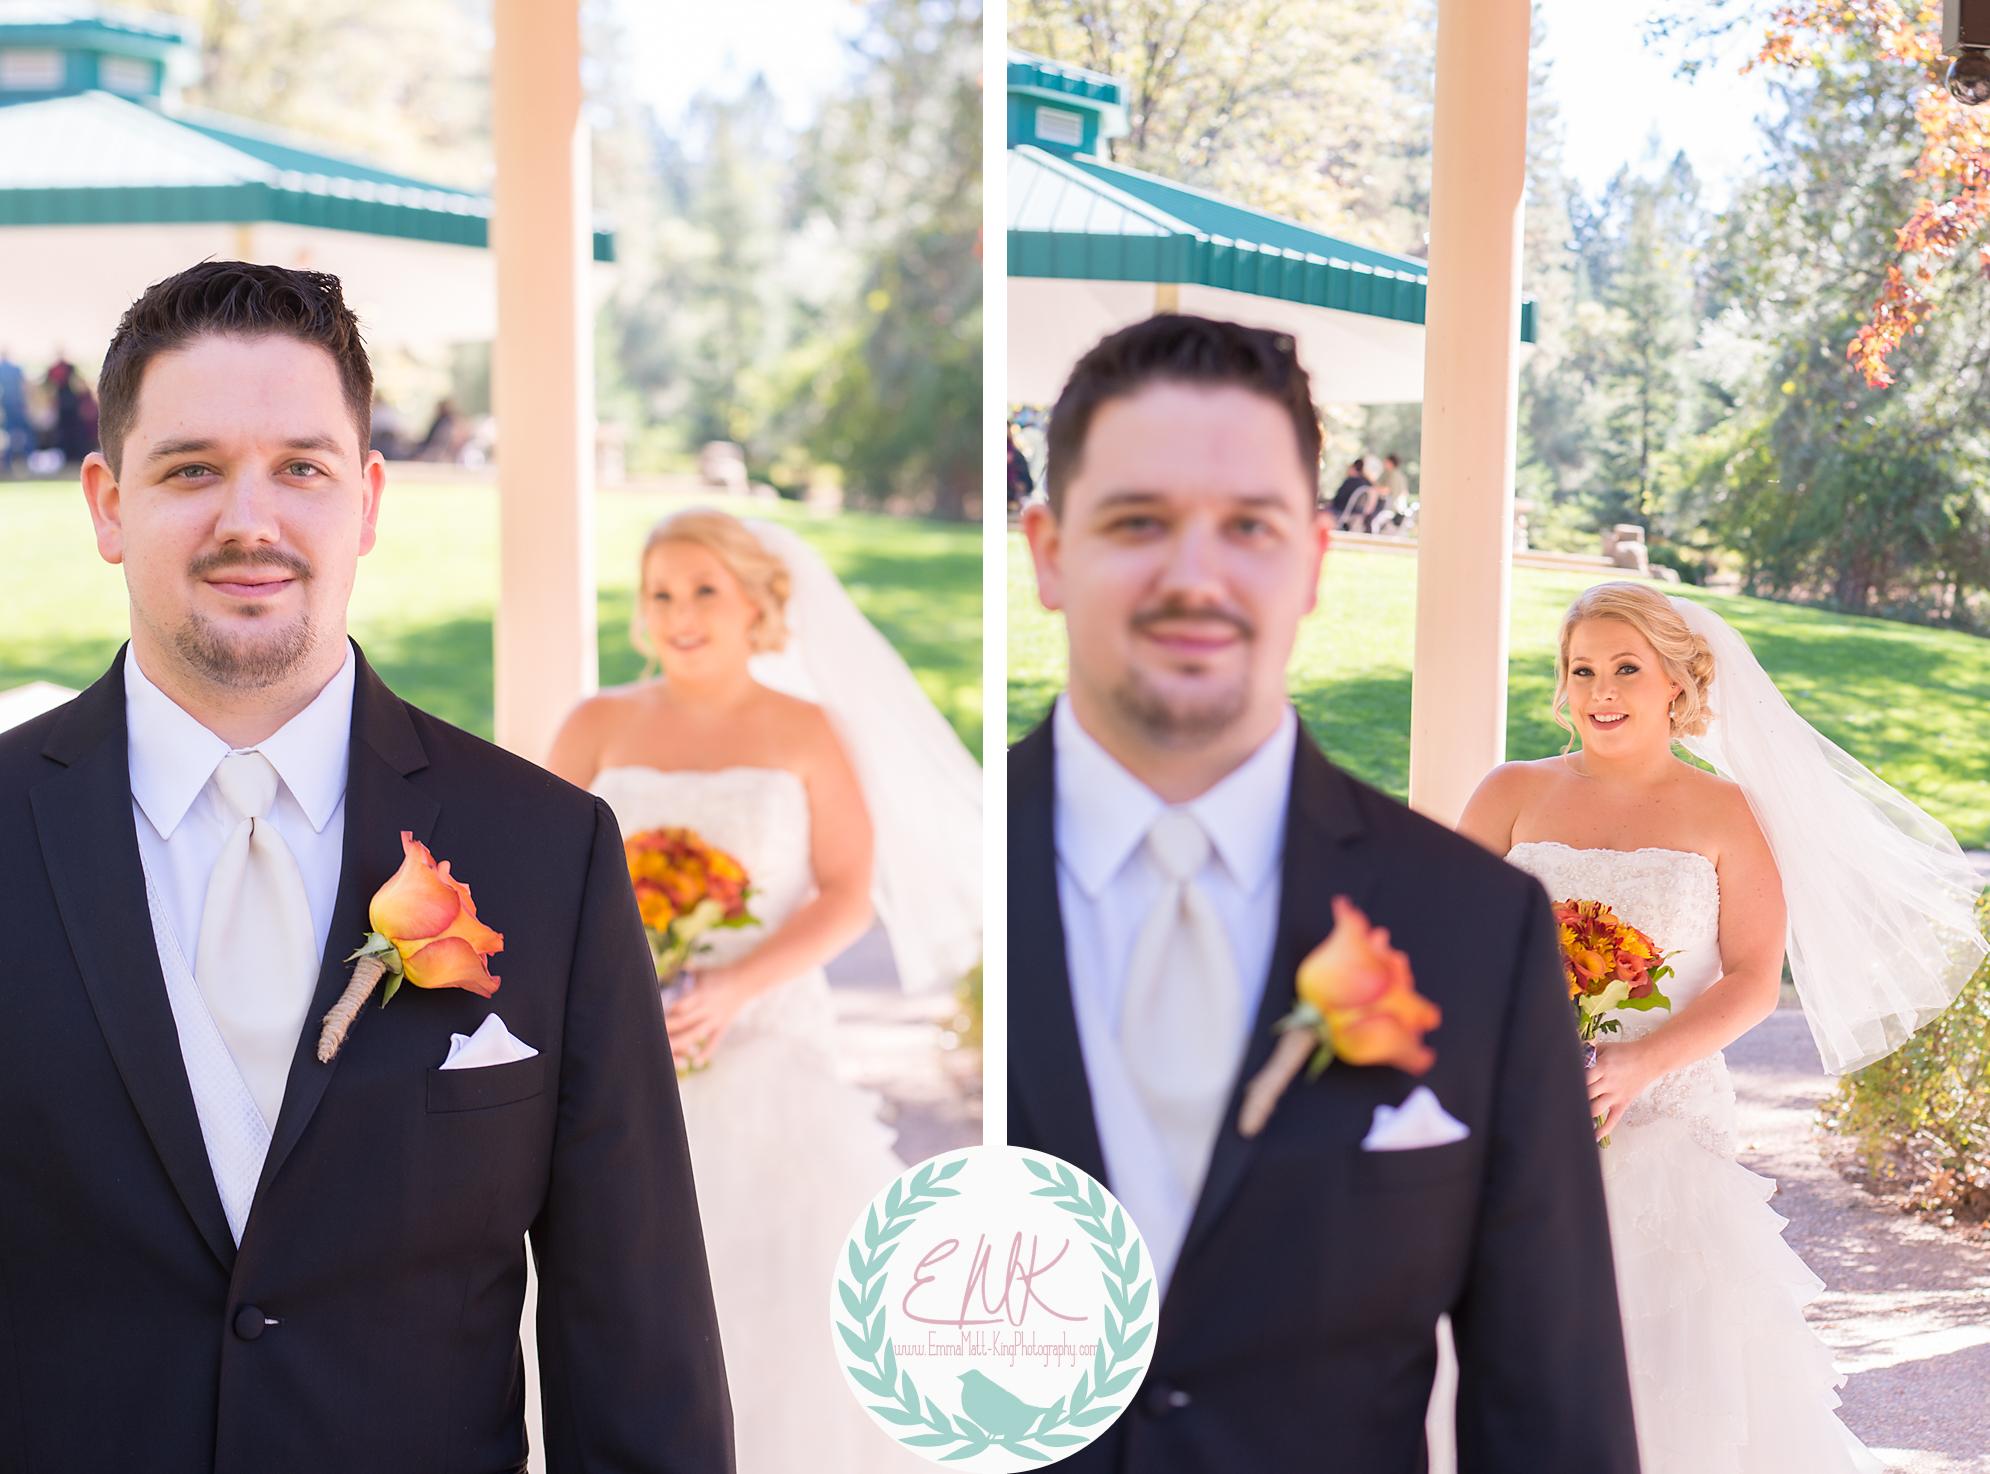 Waters Wedding EMKPhotography -7.jpg